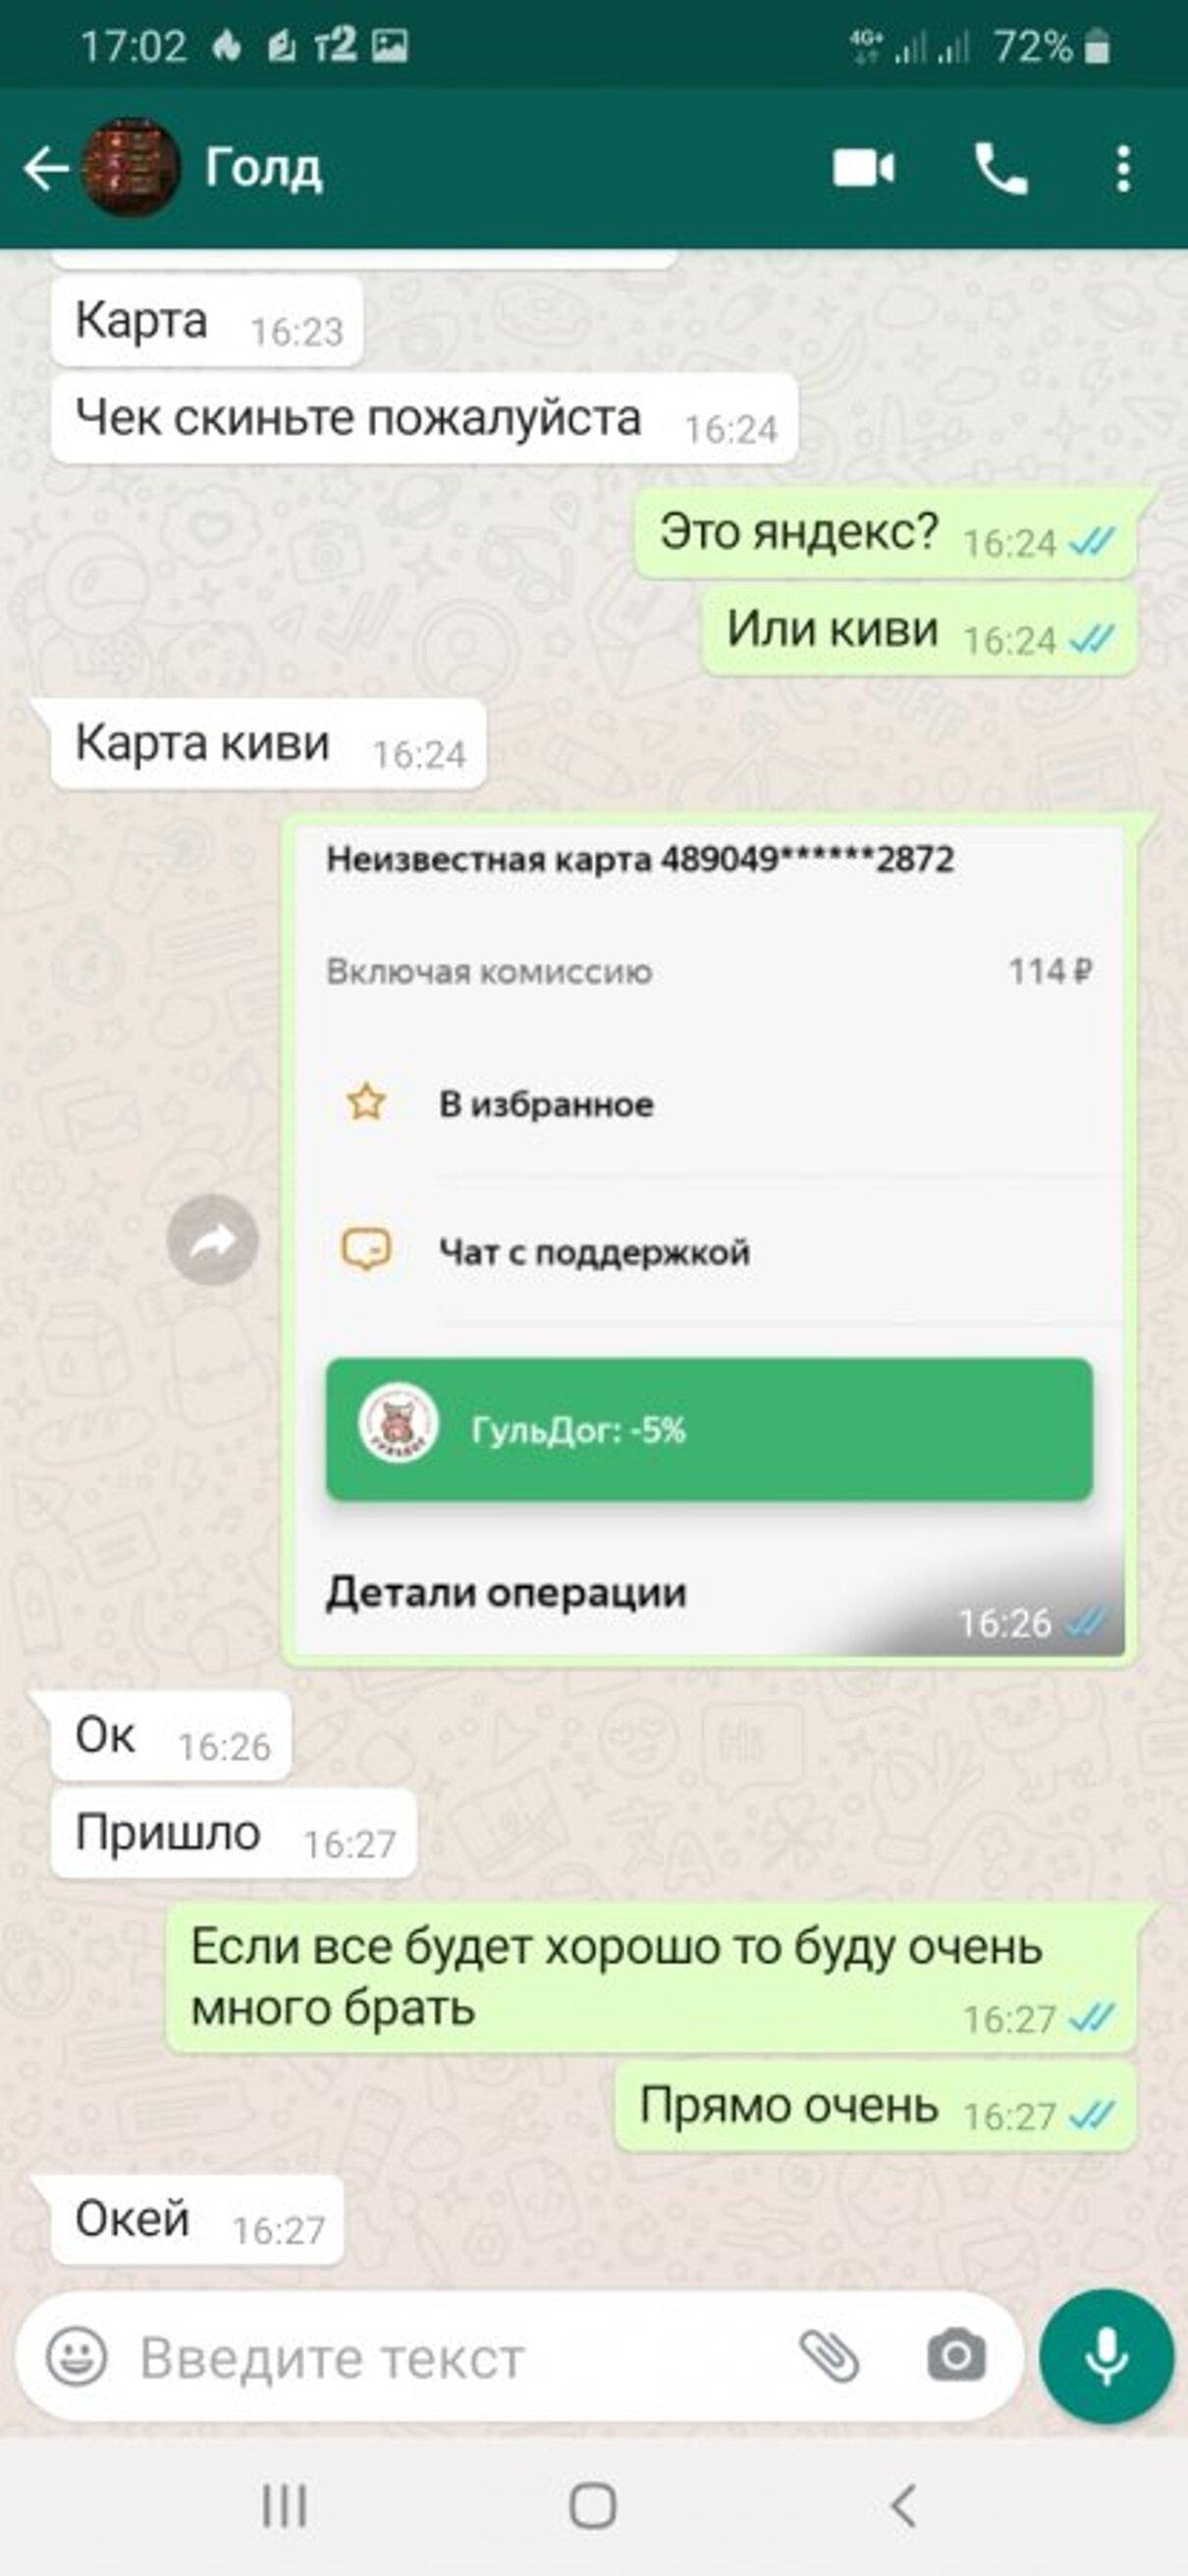 Жалоба-отзыв: Https://donat-games.ru - Мошенники с сайта https://donat-games.ru.  Фото №2